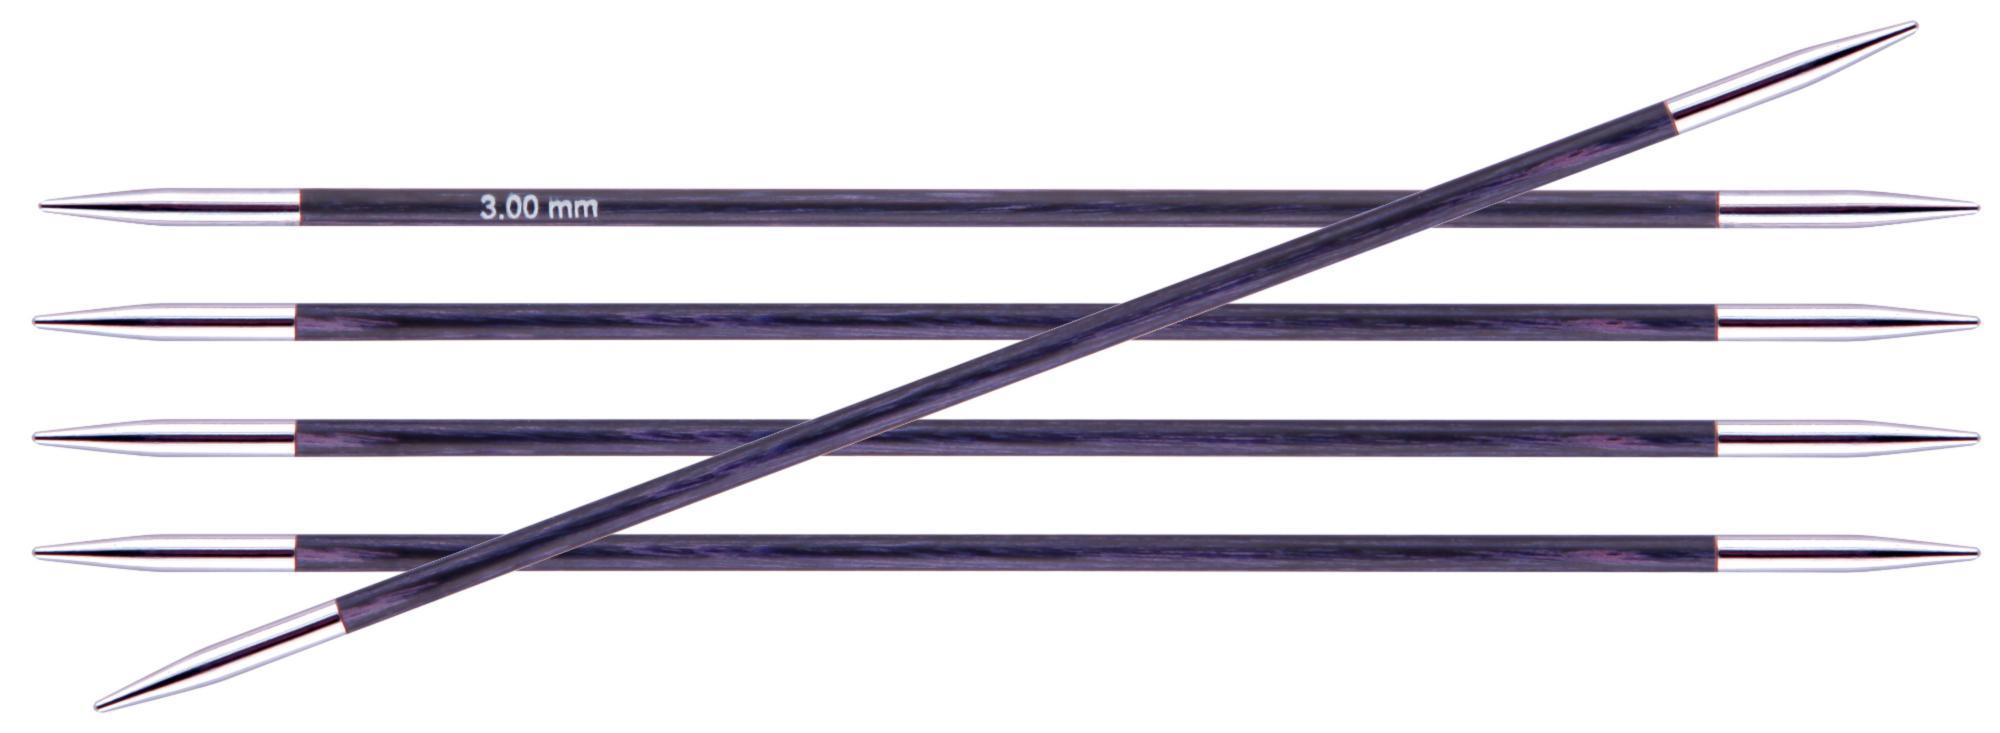 Спицы носочные 15 см Royale KnitPro, 29005, 3.00 мм